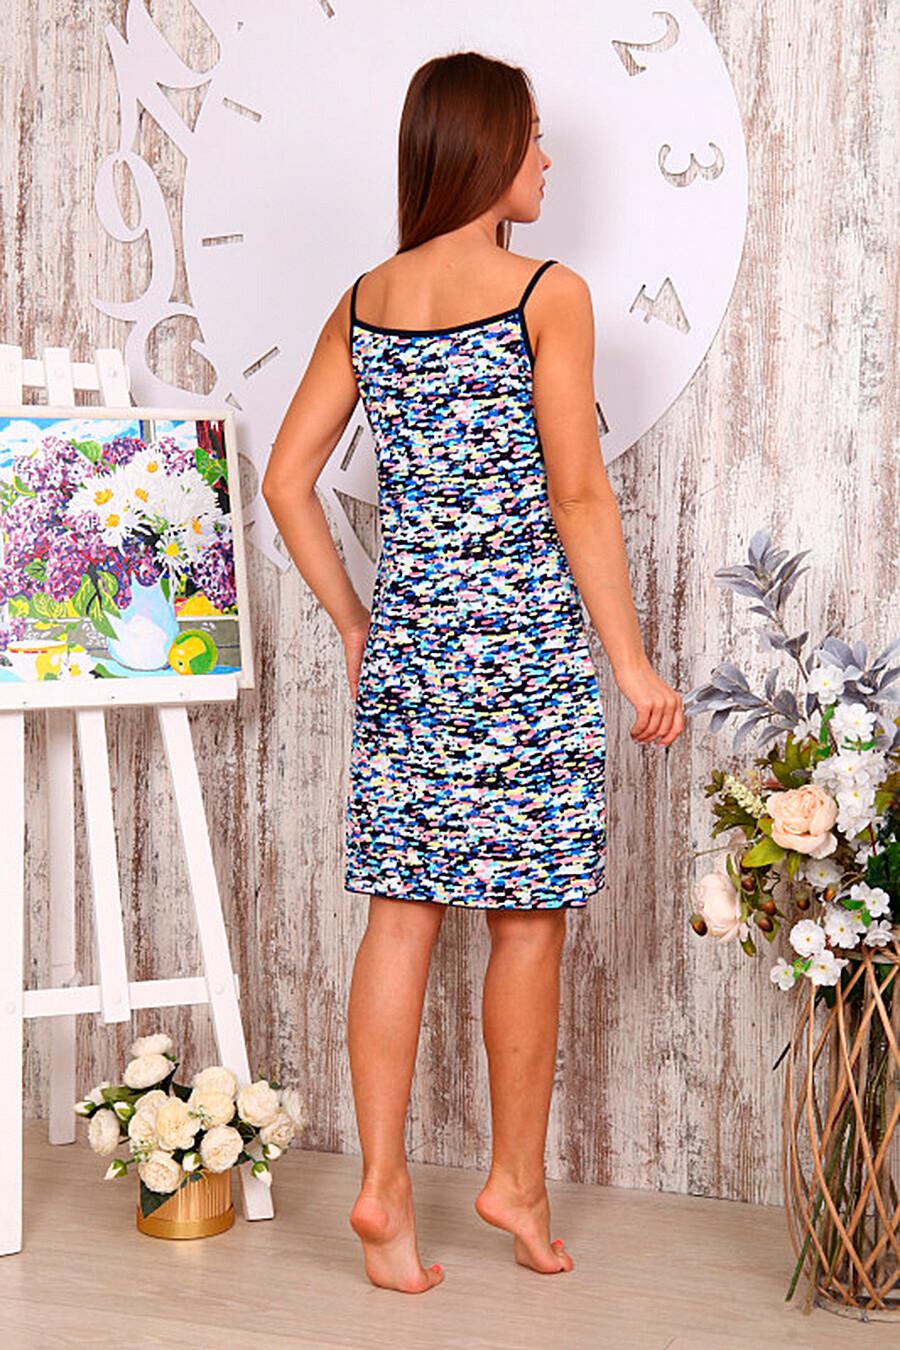 Сорочка для женщин SOFIYA37 668348 купить оптом от производителя. Совместная покупка женской одежды в OptMoyo